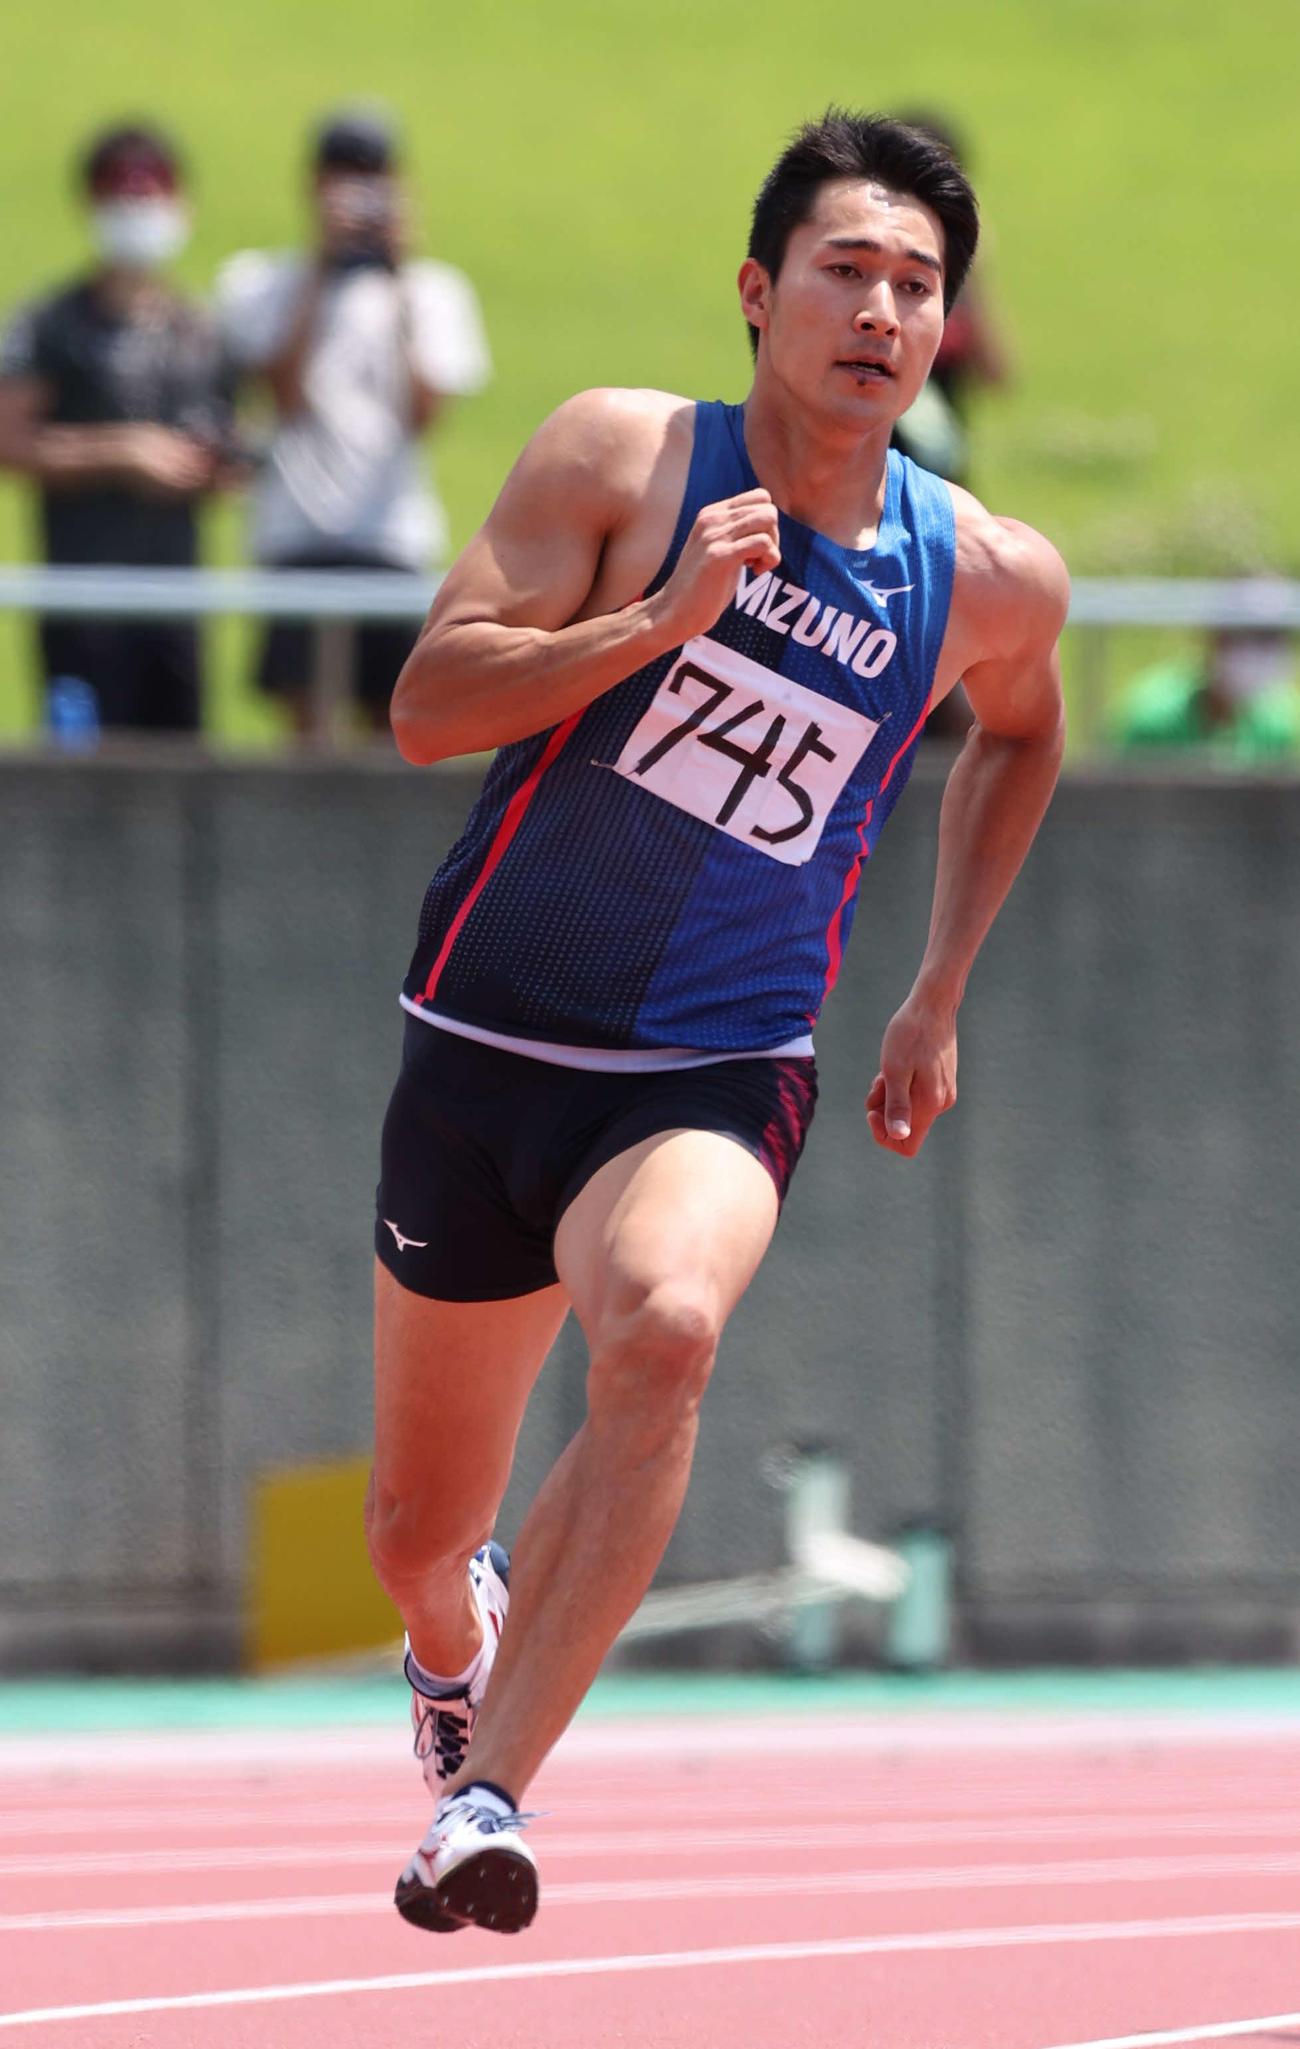 男子200メートル予選を走る飯塚(C)ミズノ